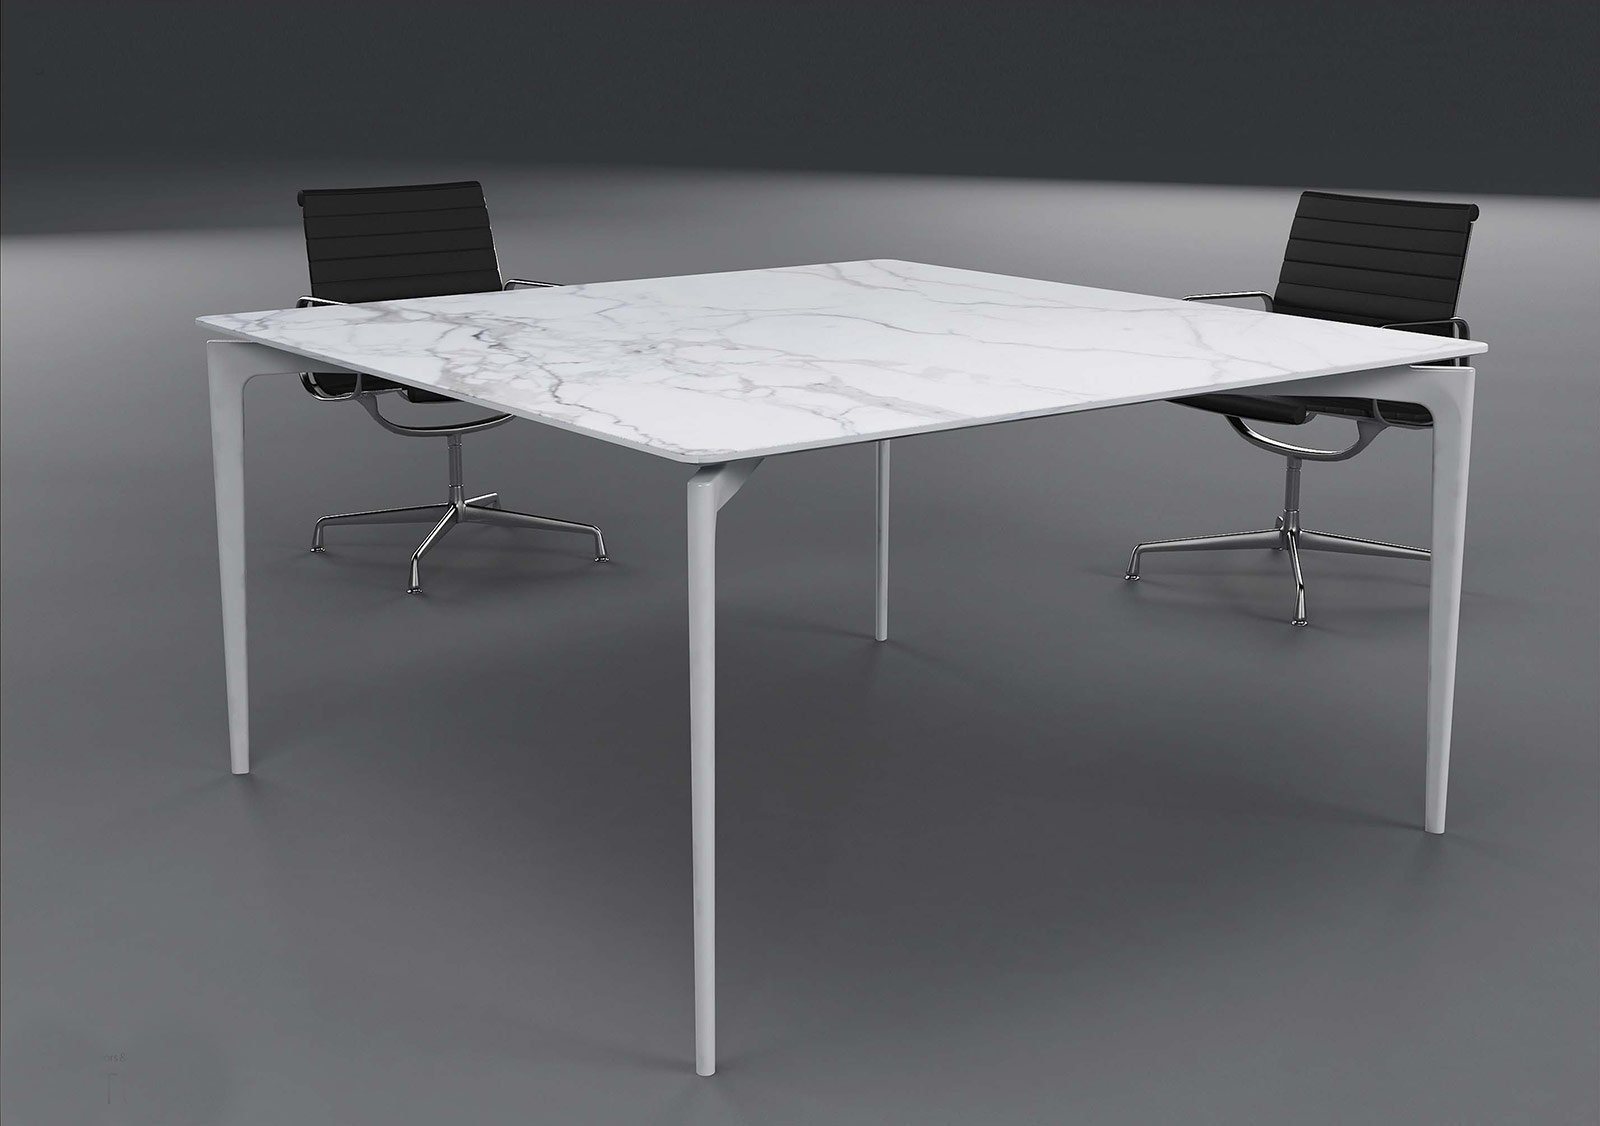 Ikea mensole quadrate - Ikea mobile metallo ...